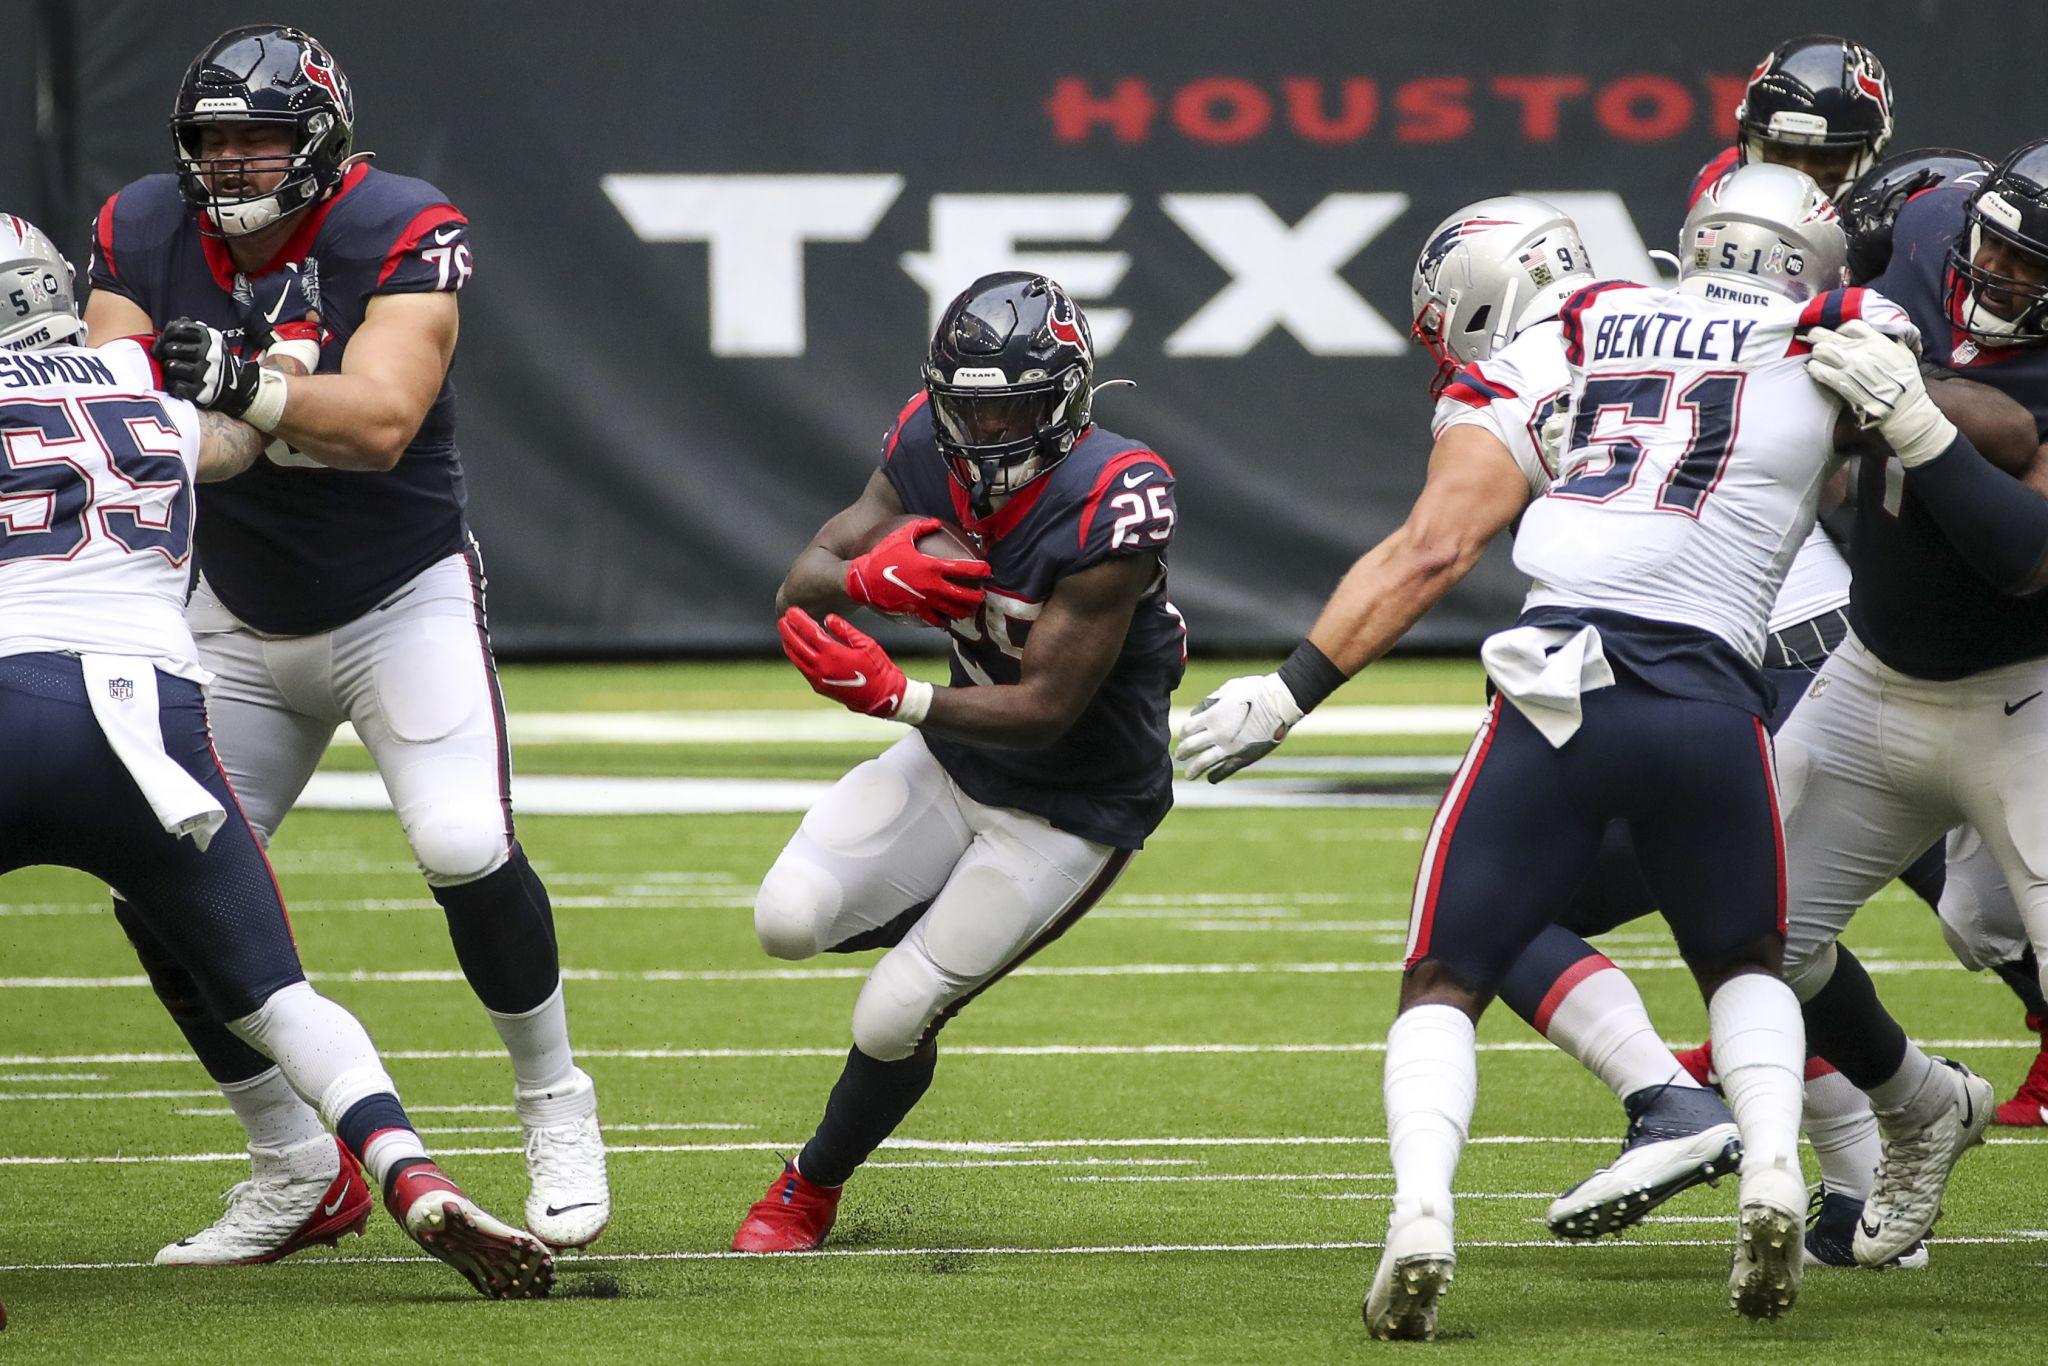 Texans' running game struggles worsening